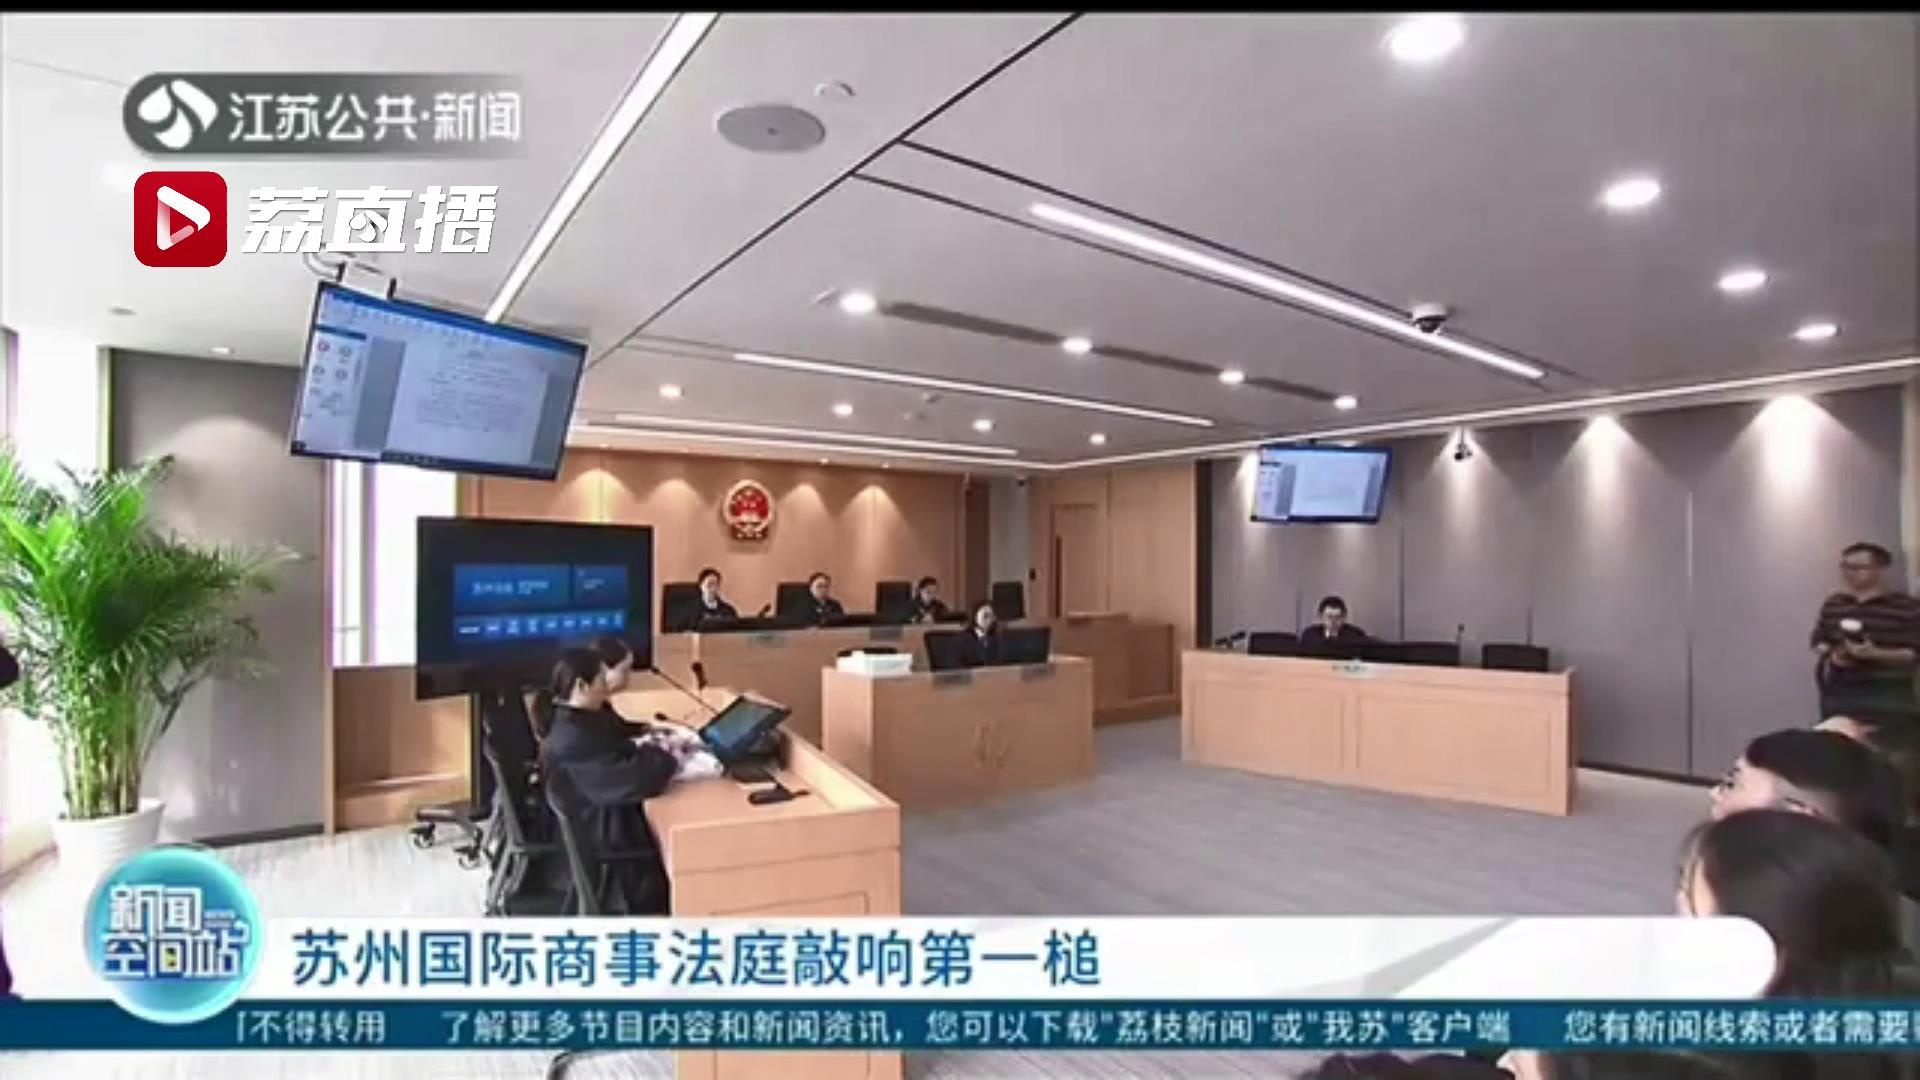 苏州国际商事法庭公开开庭审理首个涉外商事案件